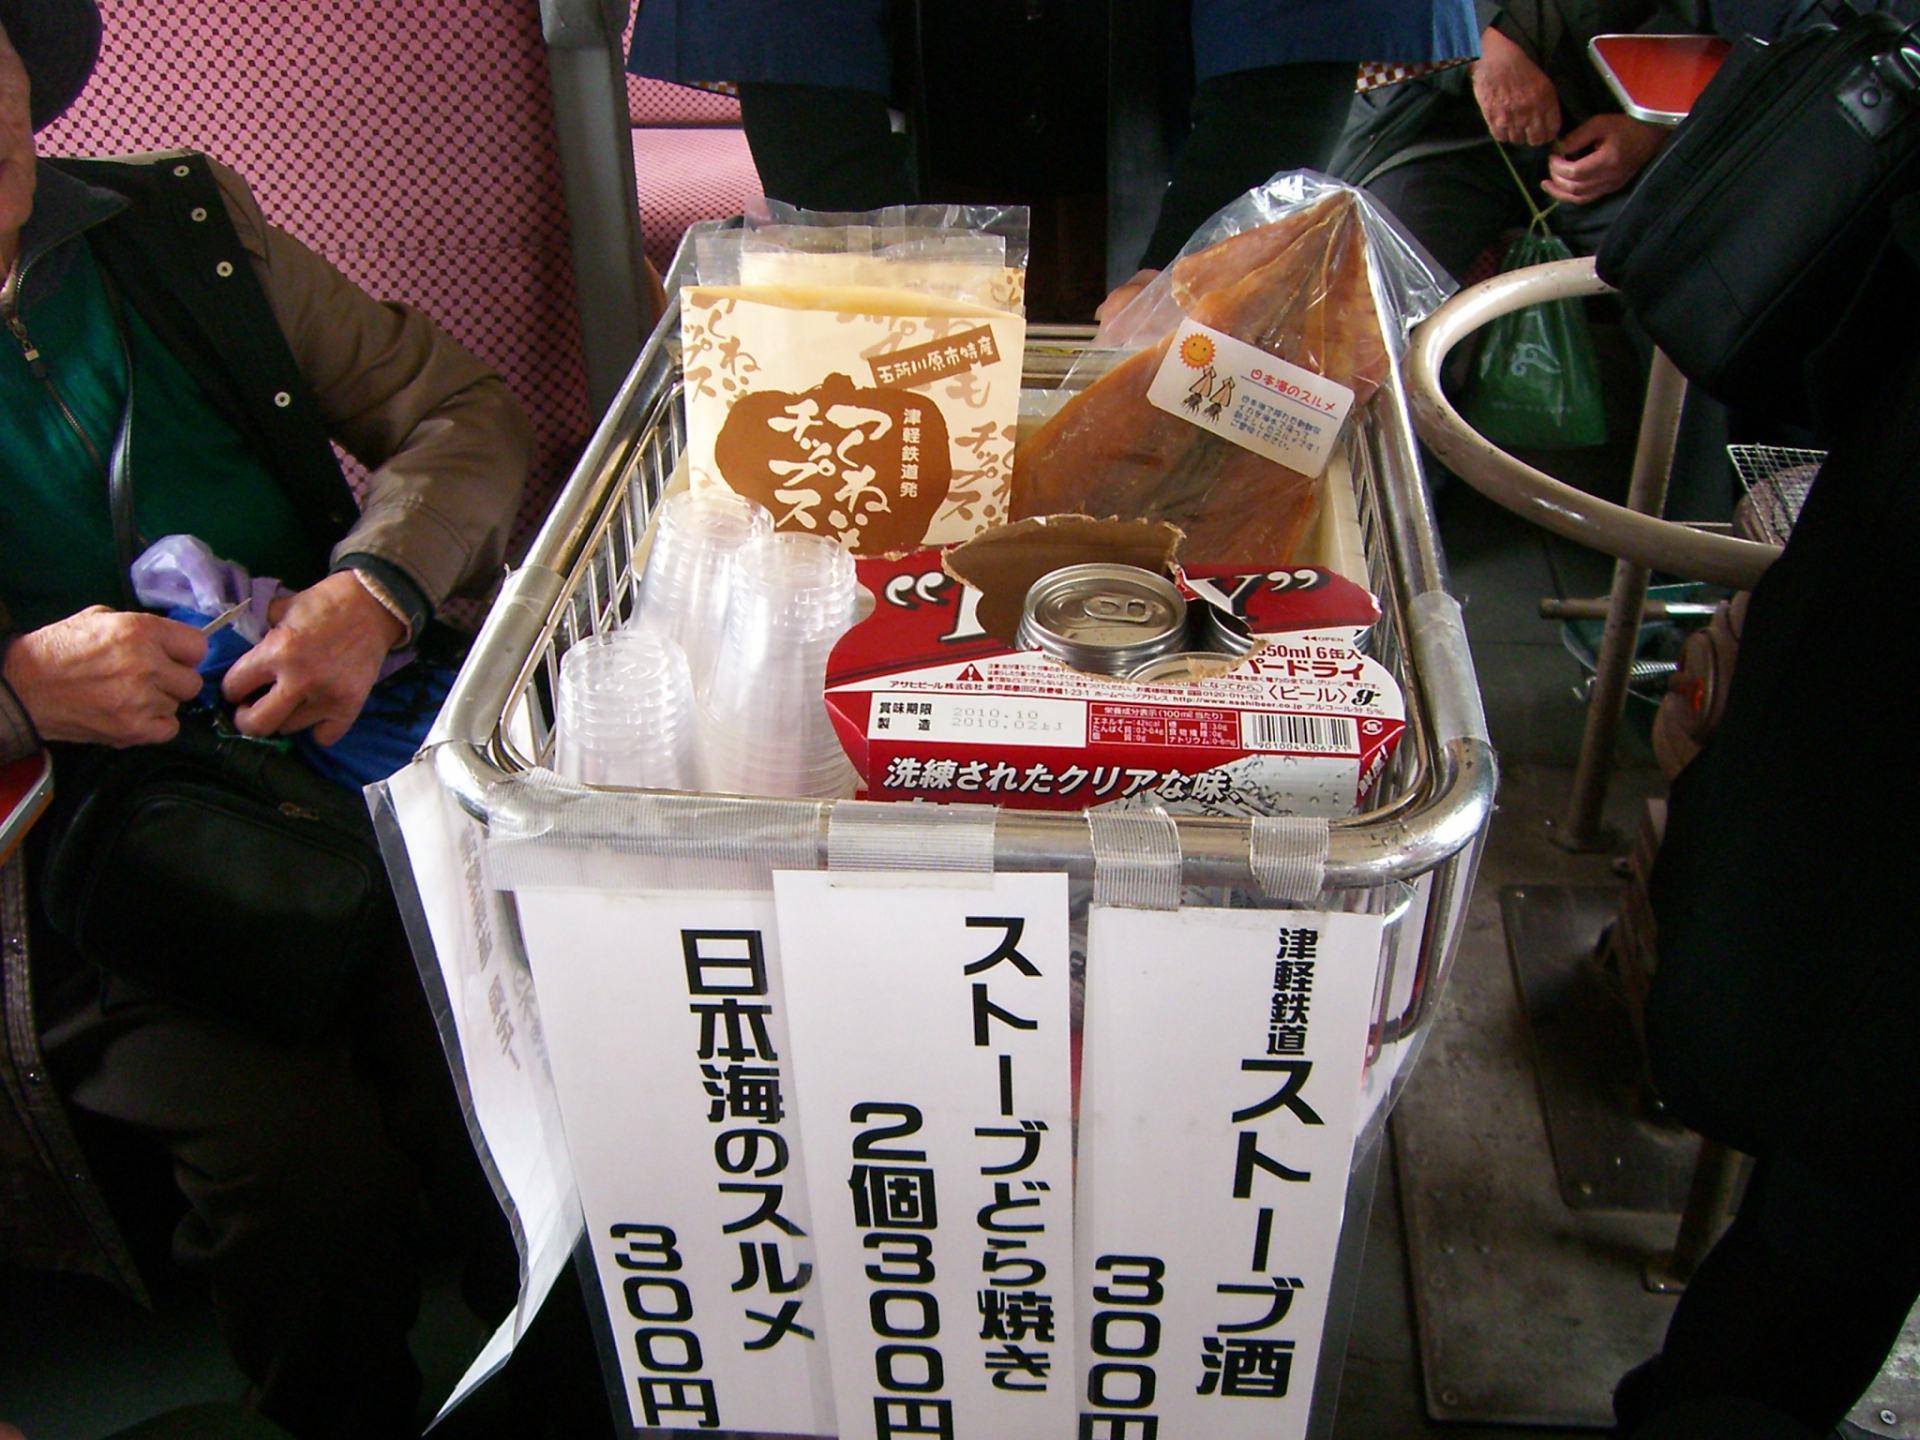 餐車服務販售日本酒及「北魷魚」等食物